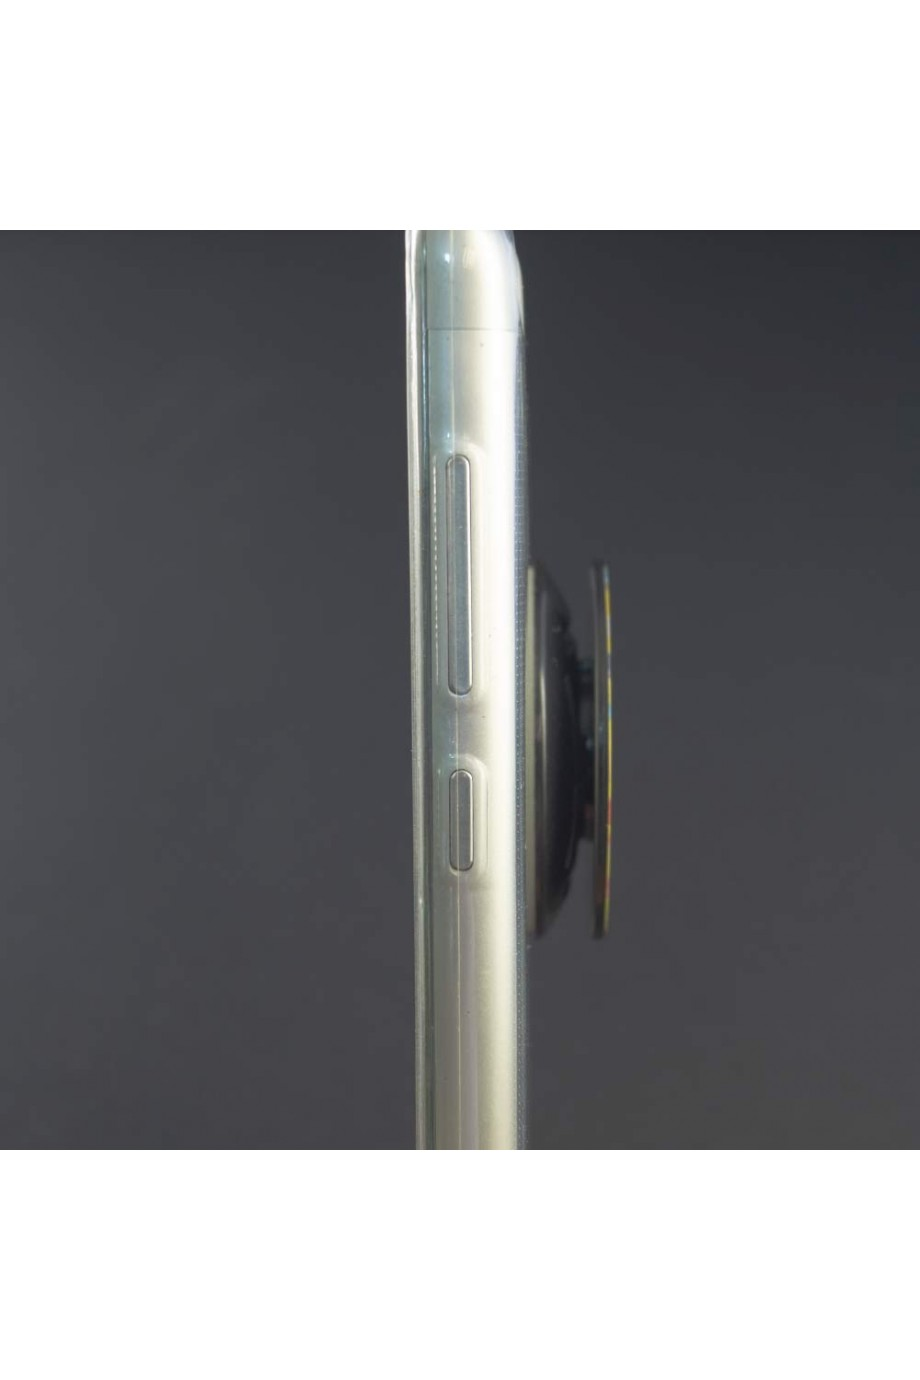 Держатель для телефона попсокет V39, магнитный